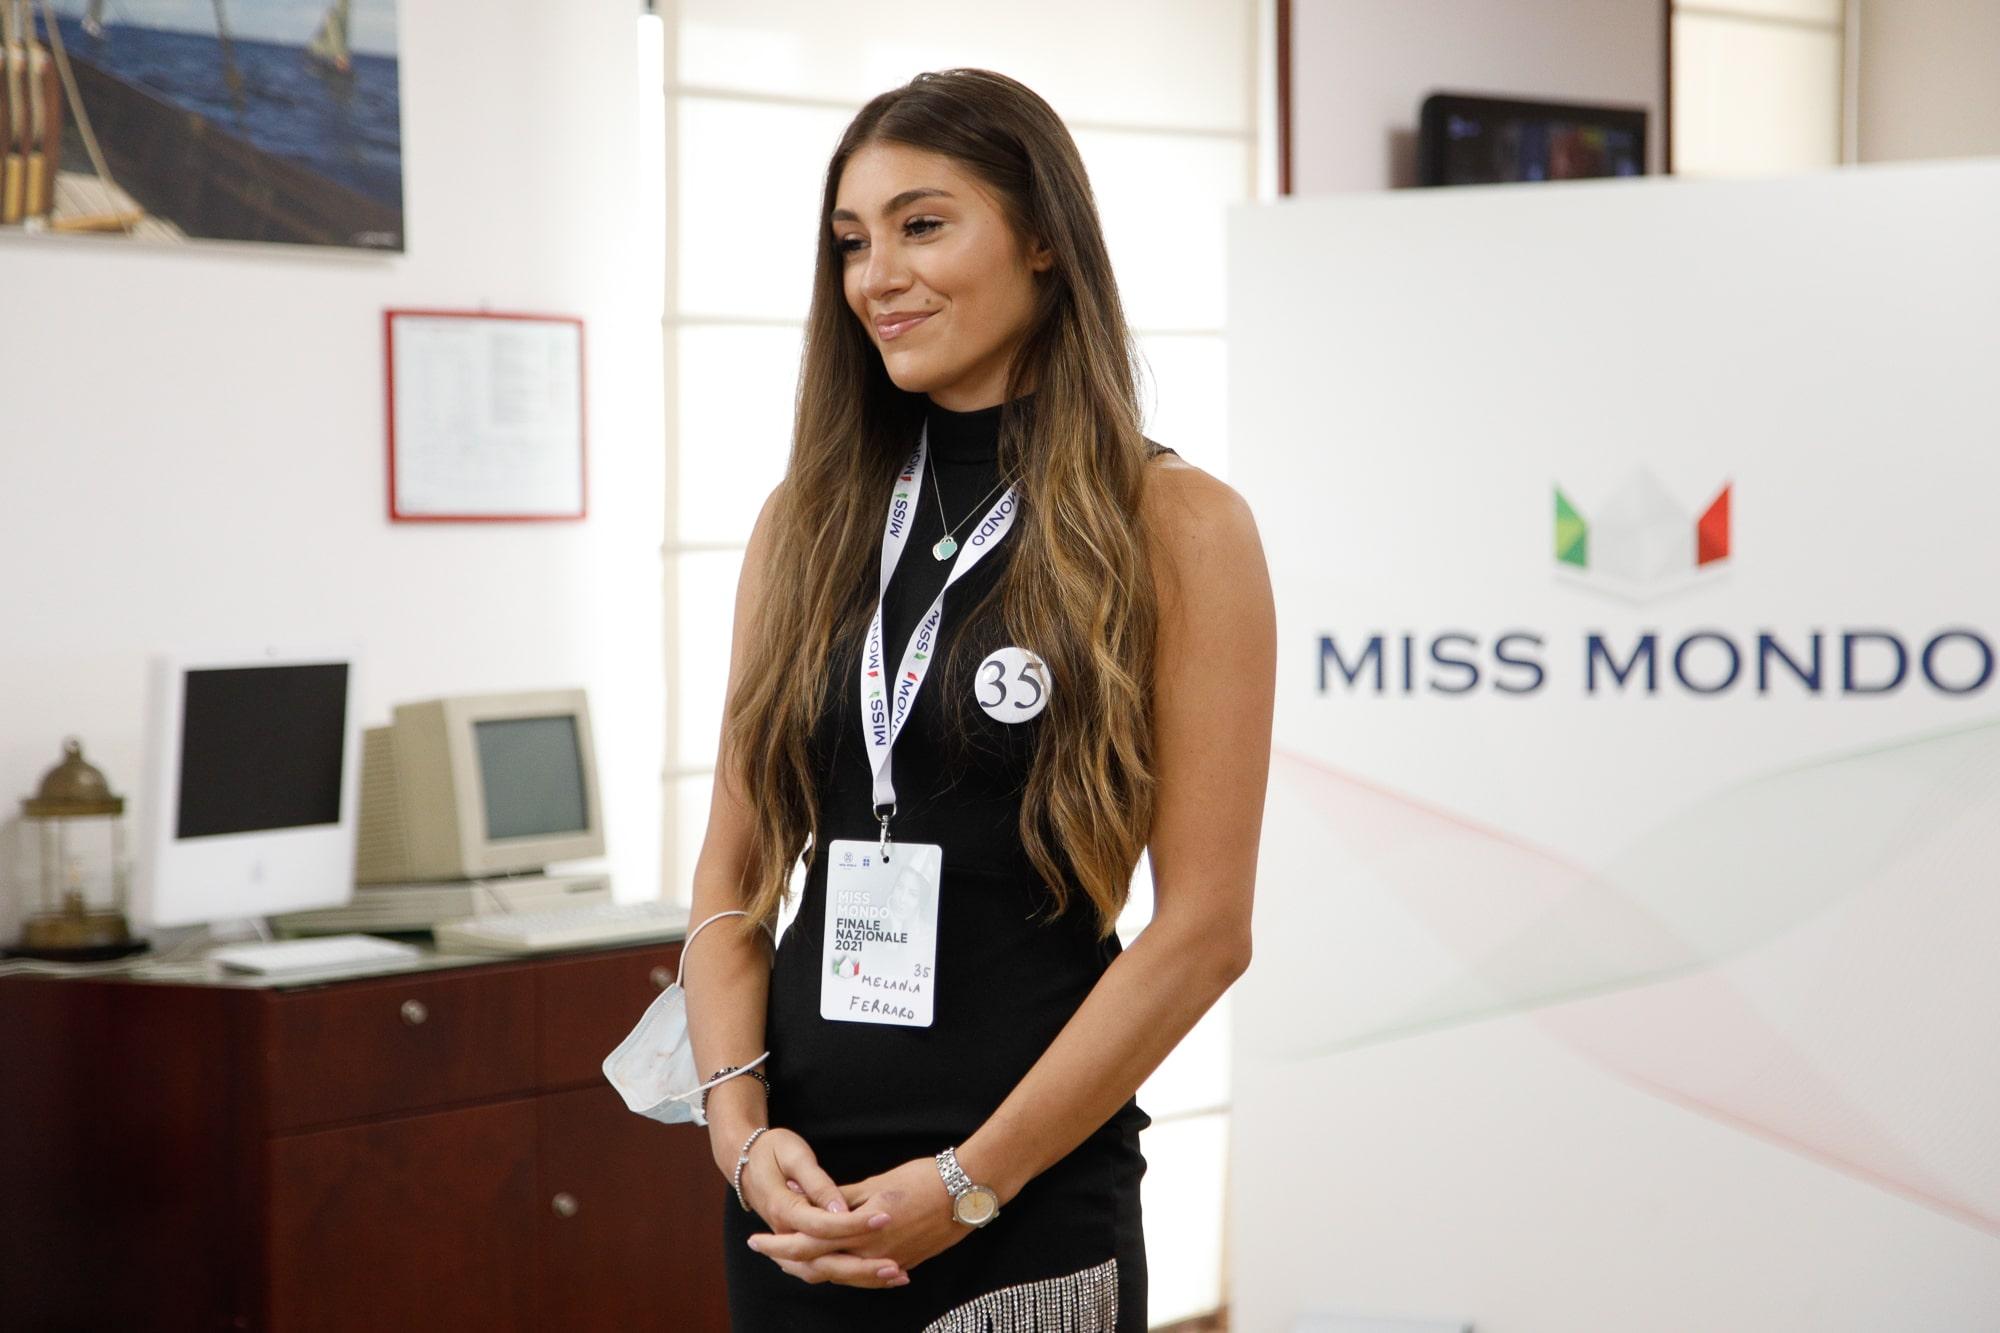 Secondo passaggio giuria per le ragazze di Missmondo Italia 2021 - 6